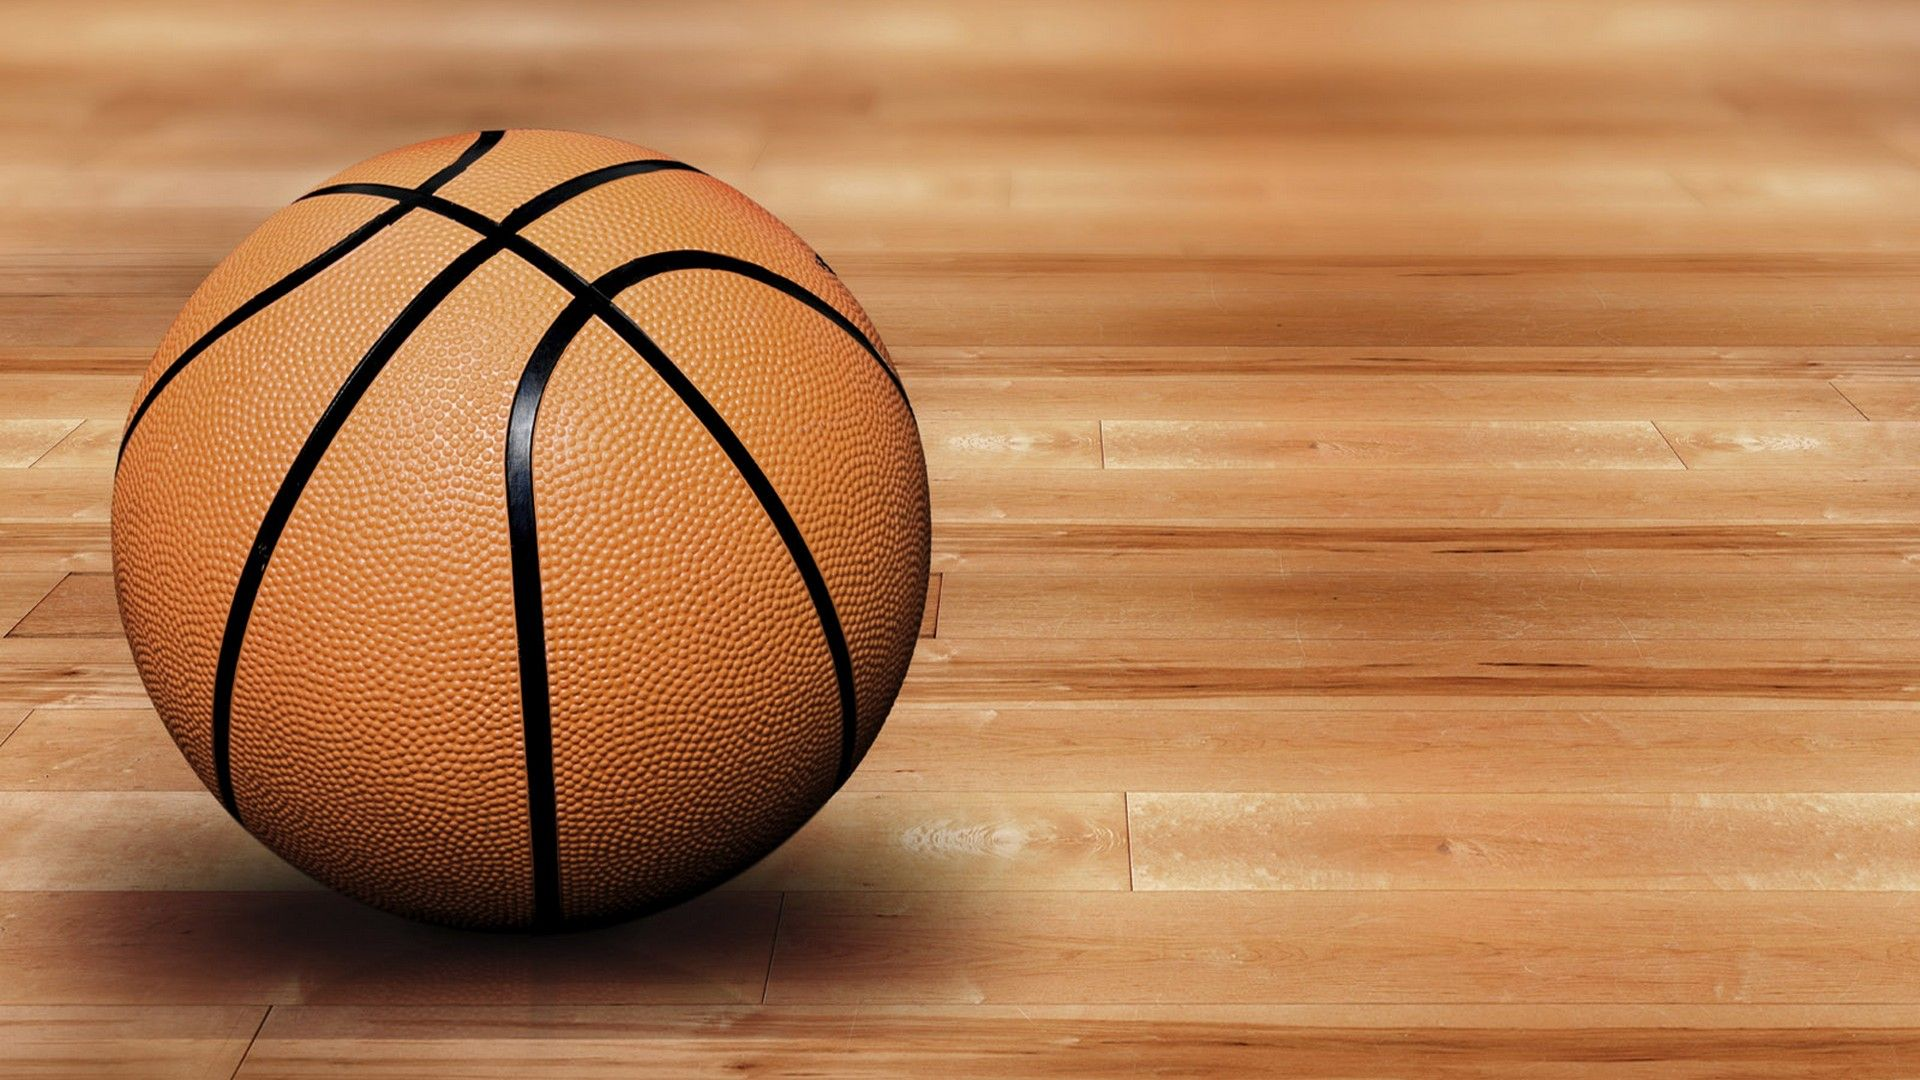 Basketball Wallpaper Best Basketball Wallpapers 2020 Basketball Basketball Games Basketball Ball